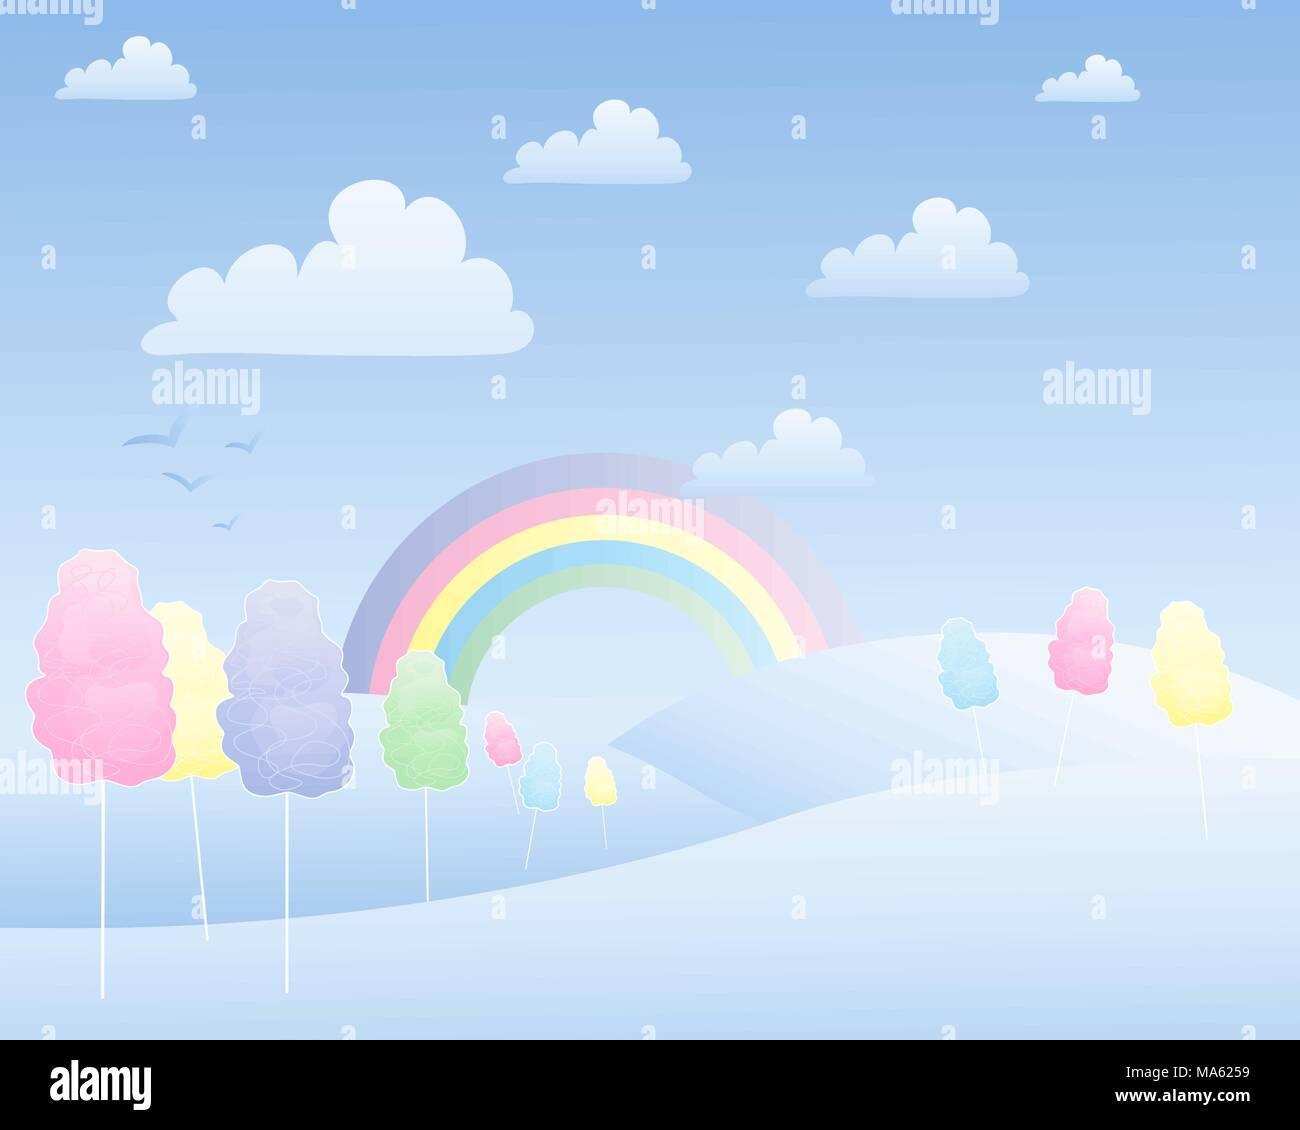 Una illustrazione vettoriale in formato eps formato 10 di una fantasia cotone candy paesaggio con un arcobaleno colline e soffici nuvole bianche Immagini Stock